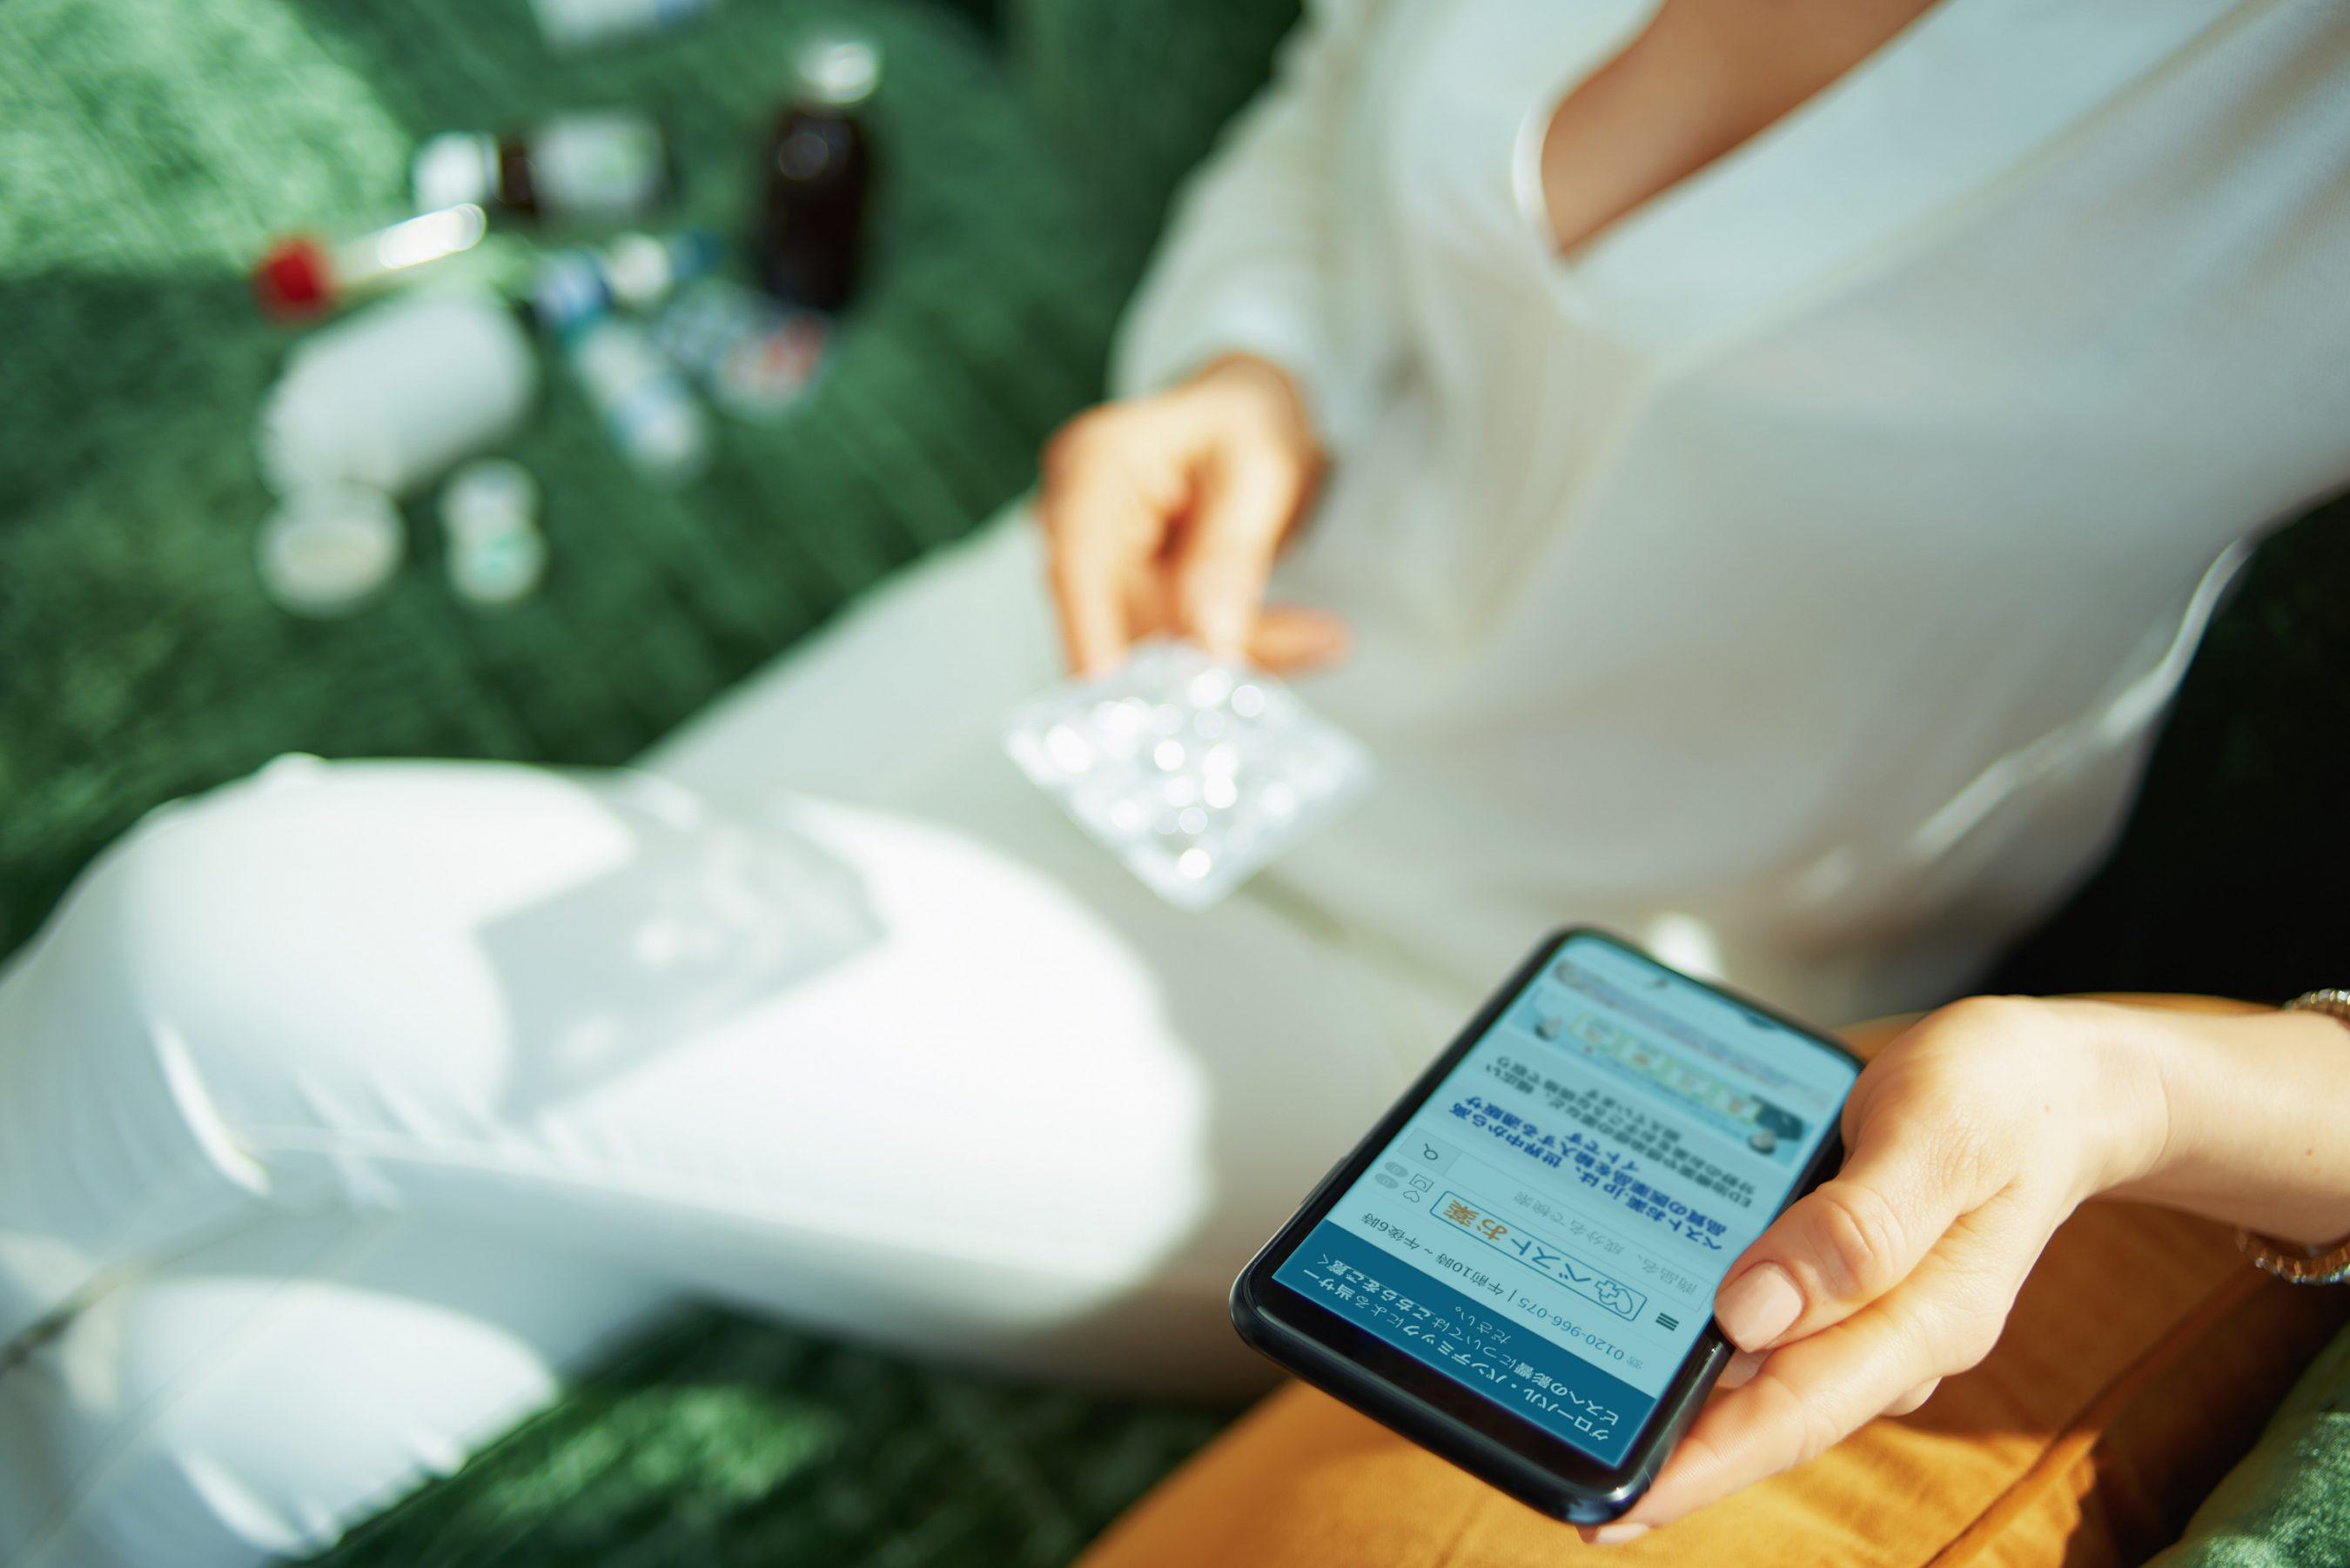 オンラインでの便利で安価な薬の購入